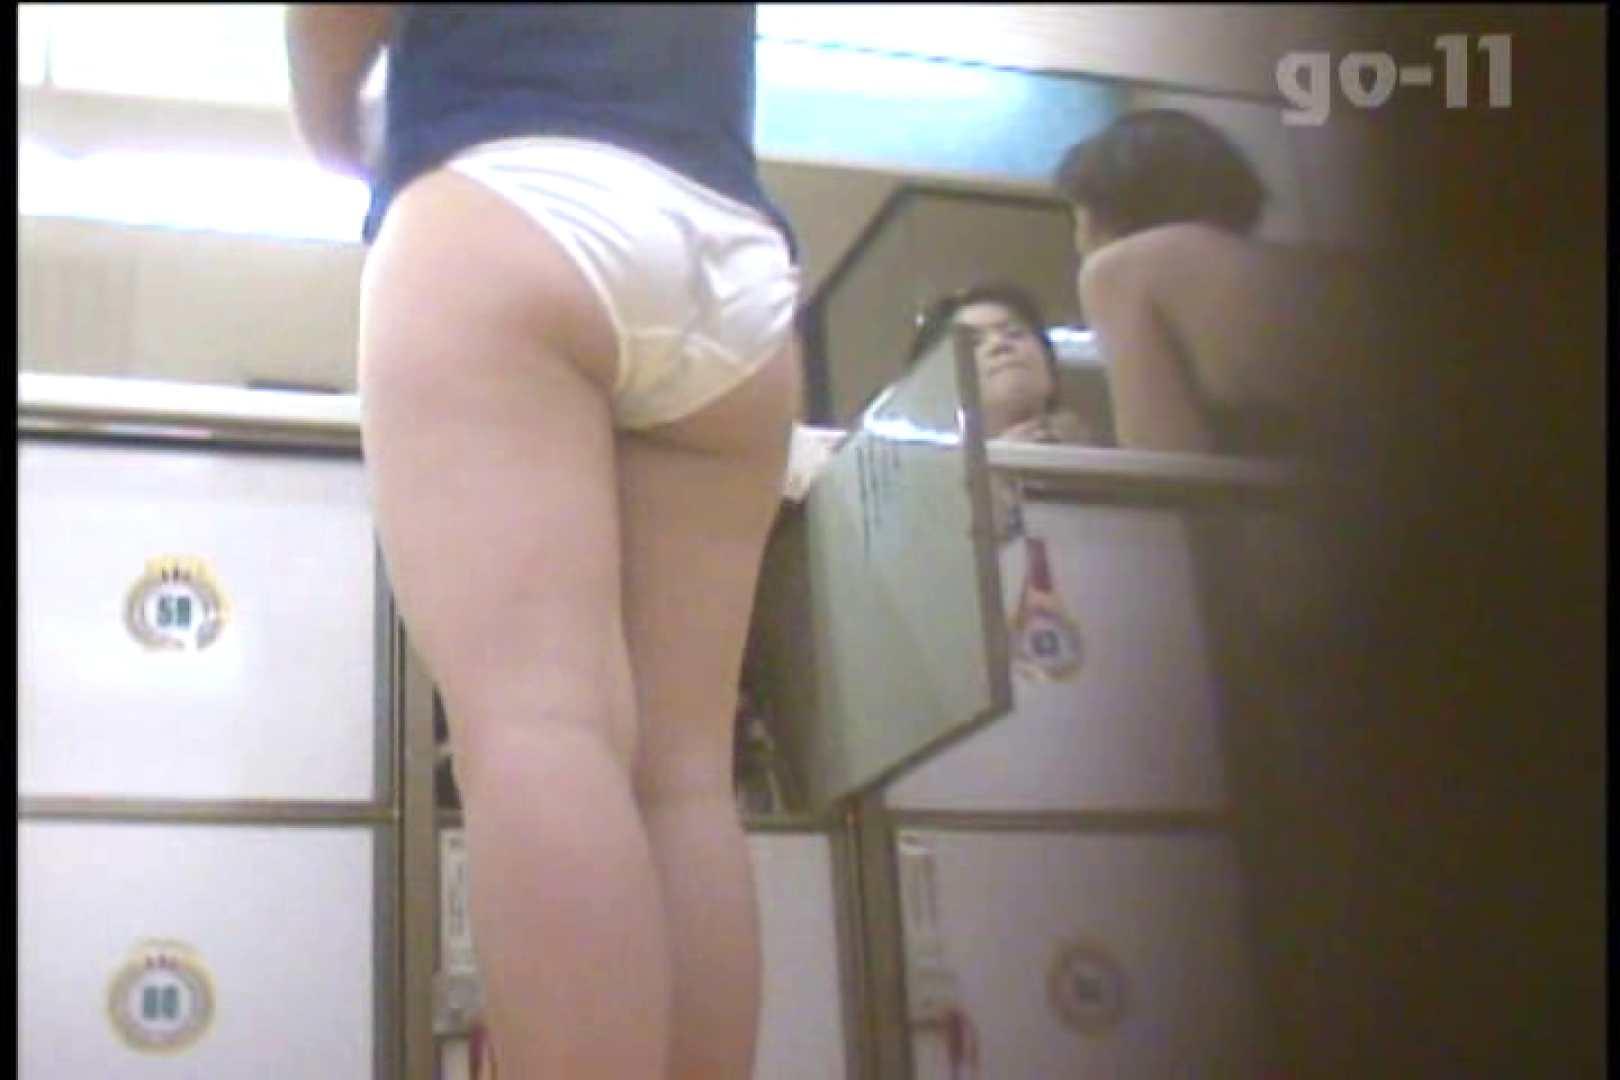 電波カメラ設置浴場からの防HAN映像 Vol.11 OL女体 | 女体盗撮  55連発 43